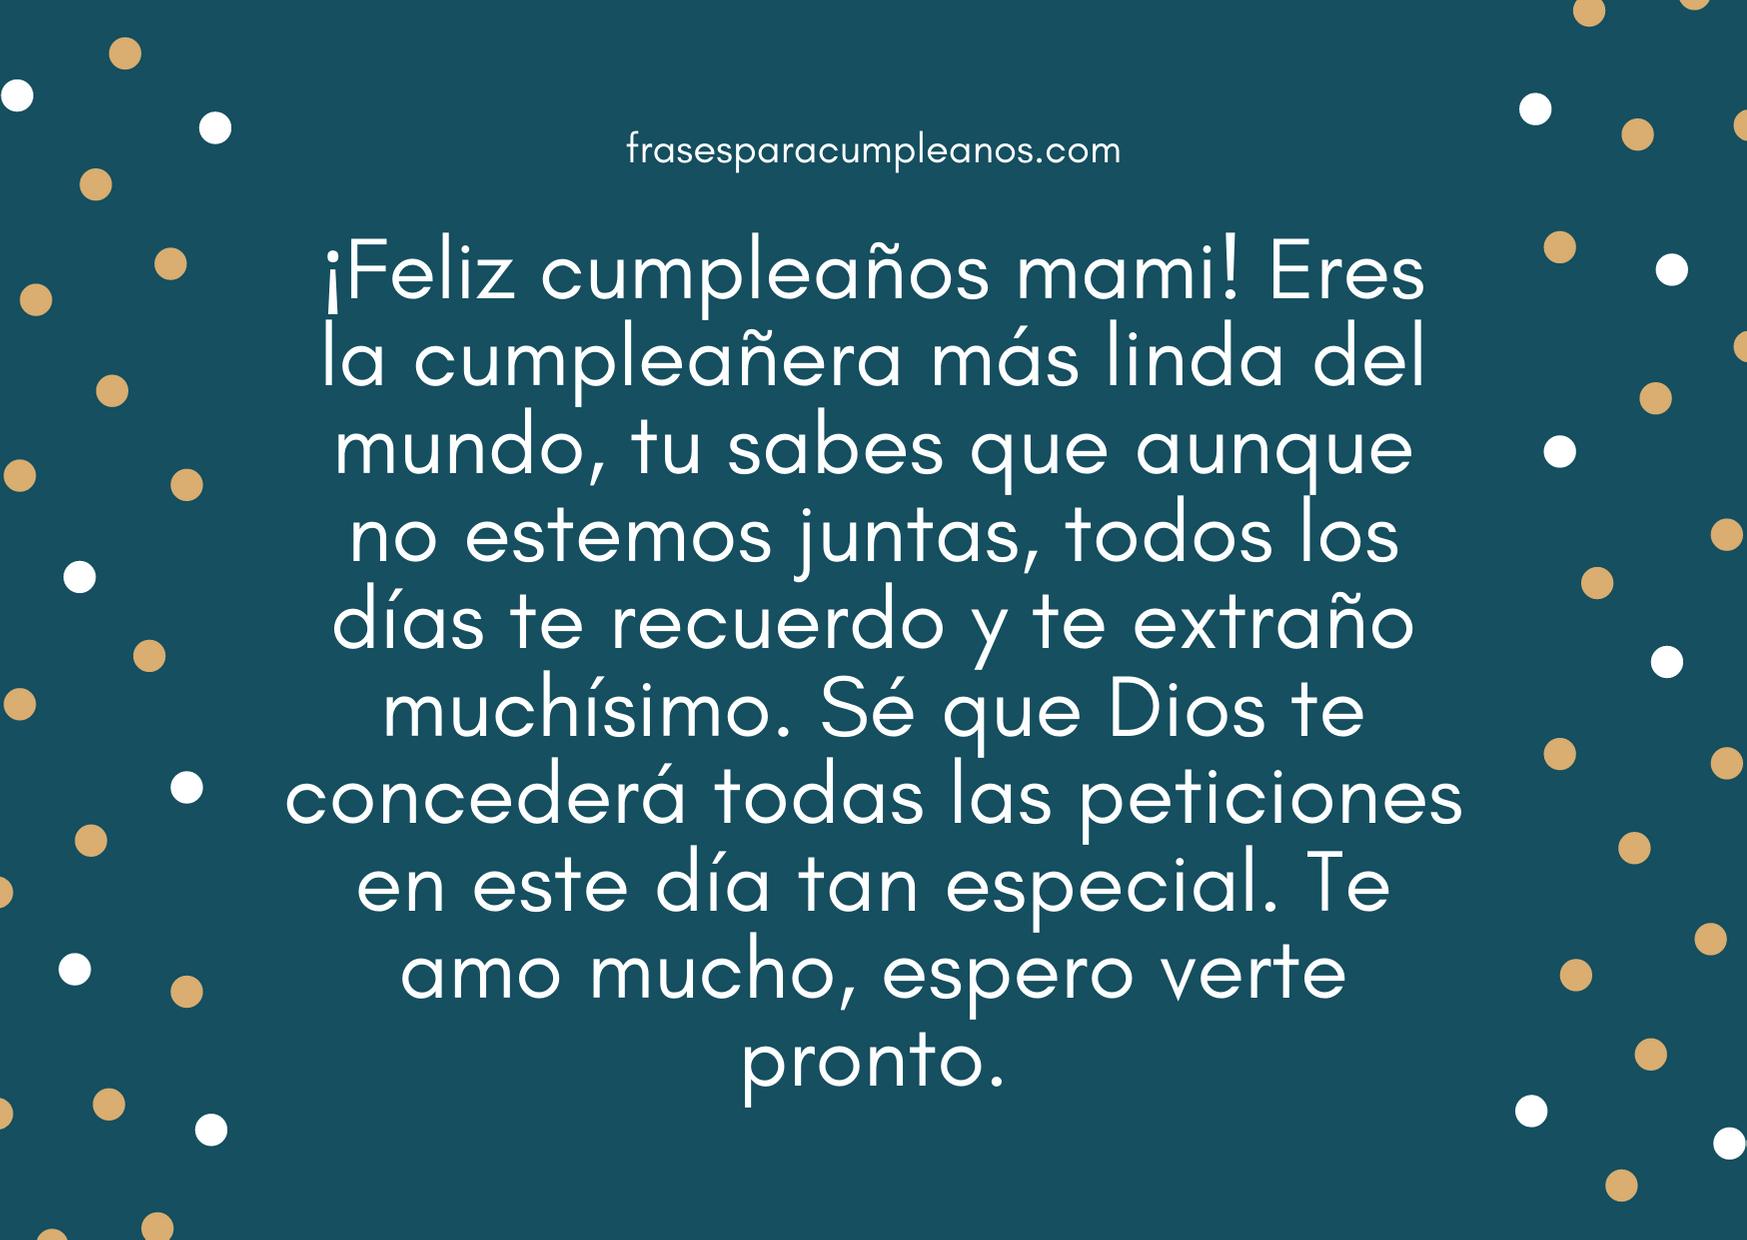 Felicitaciones de cumpleaños para una madre ausente – FrasesCumpleaños